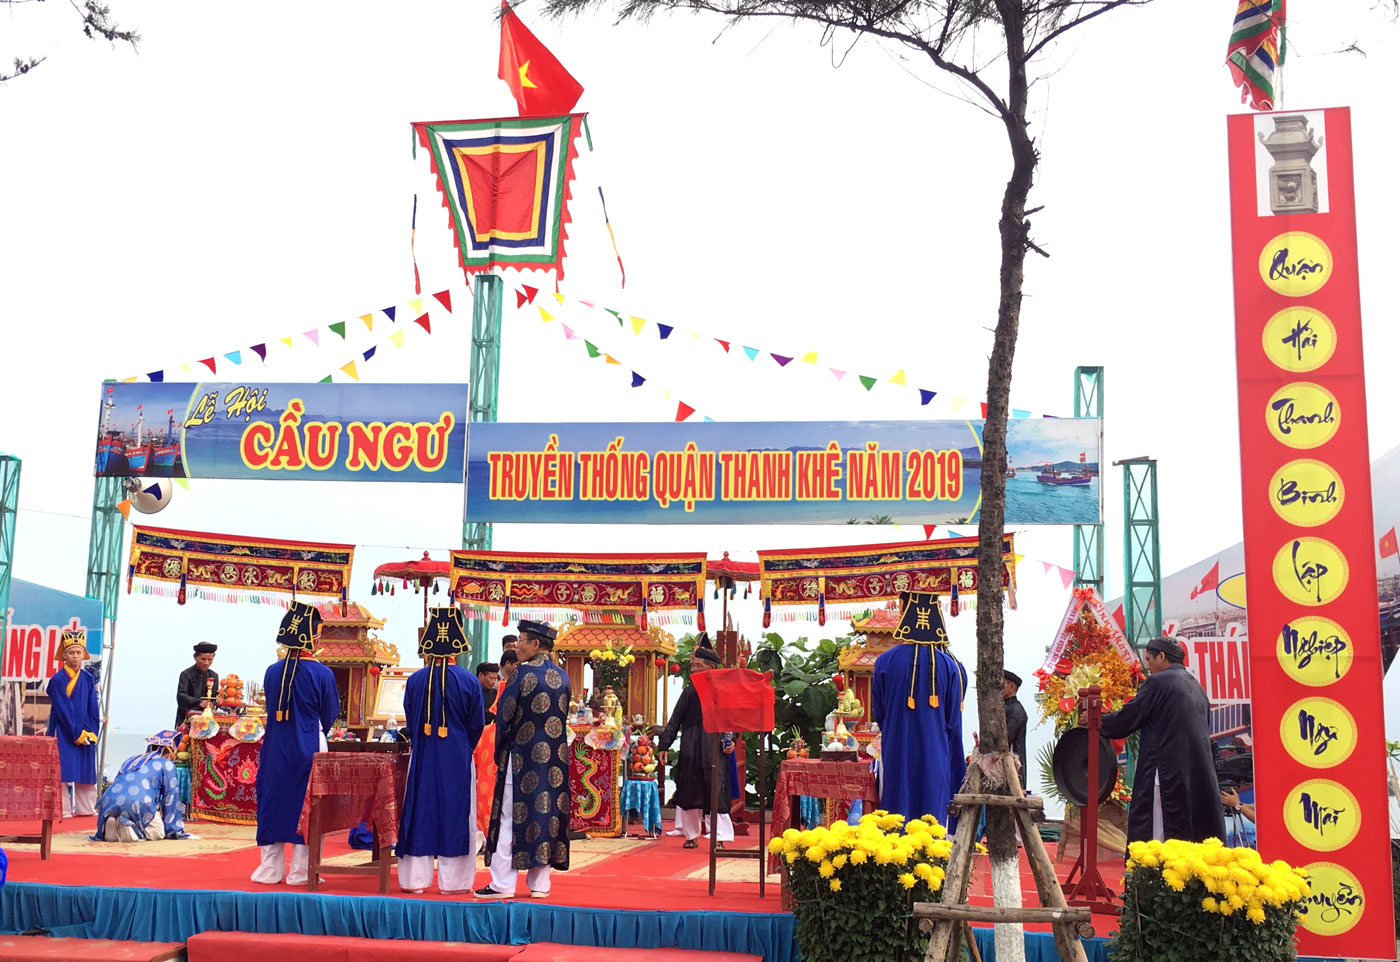 Vinh danh di sản văn hóa phi vật thể quốc gia đối với lễ hội cầu ngư tại thành phố Đà Nẵng